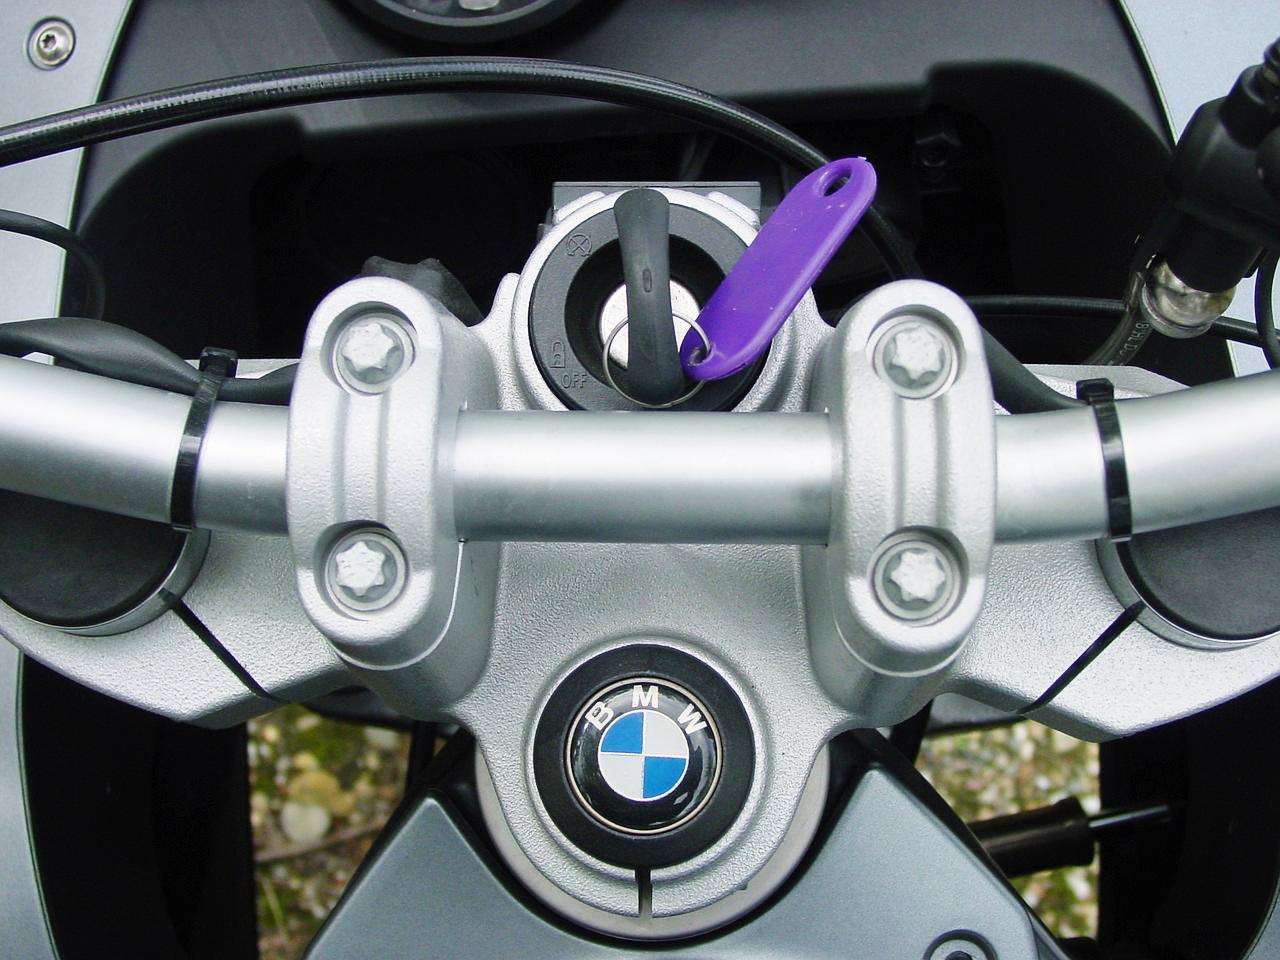 Rent Motorcycle (Motorbike Sharing)